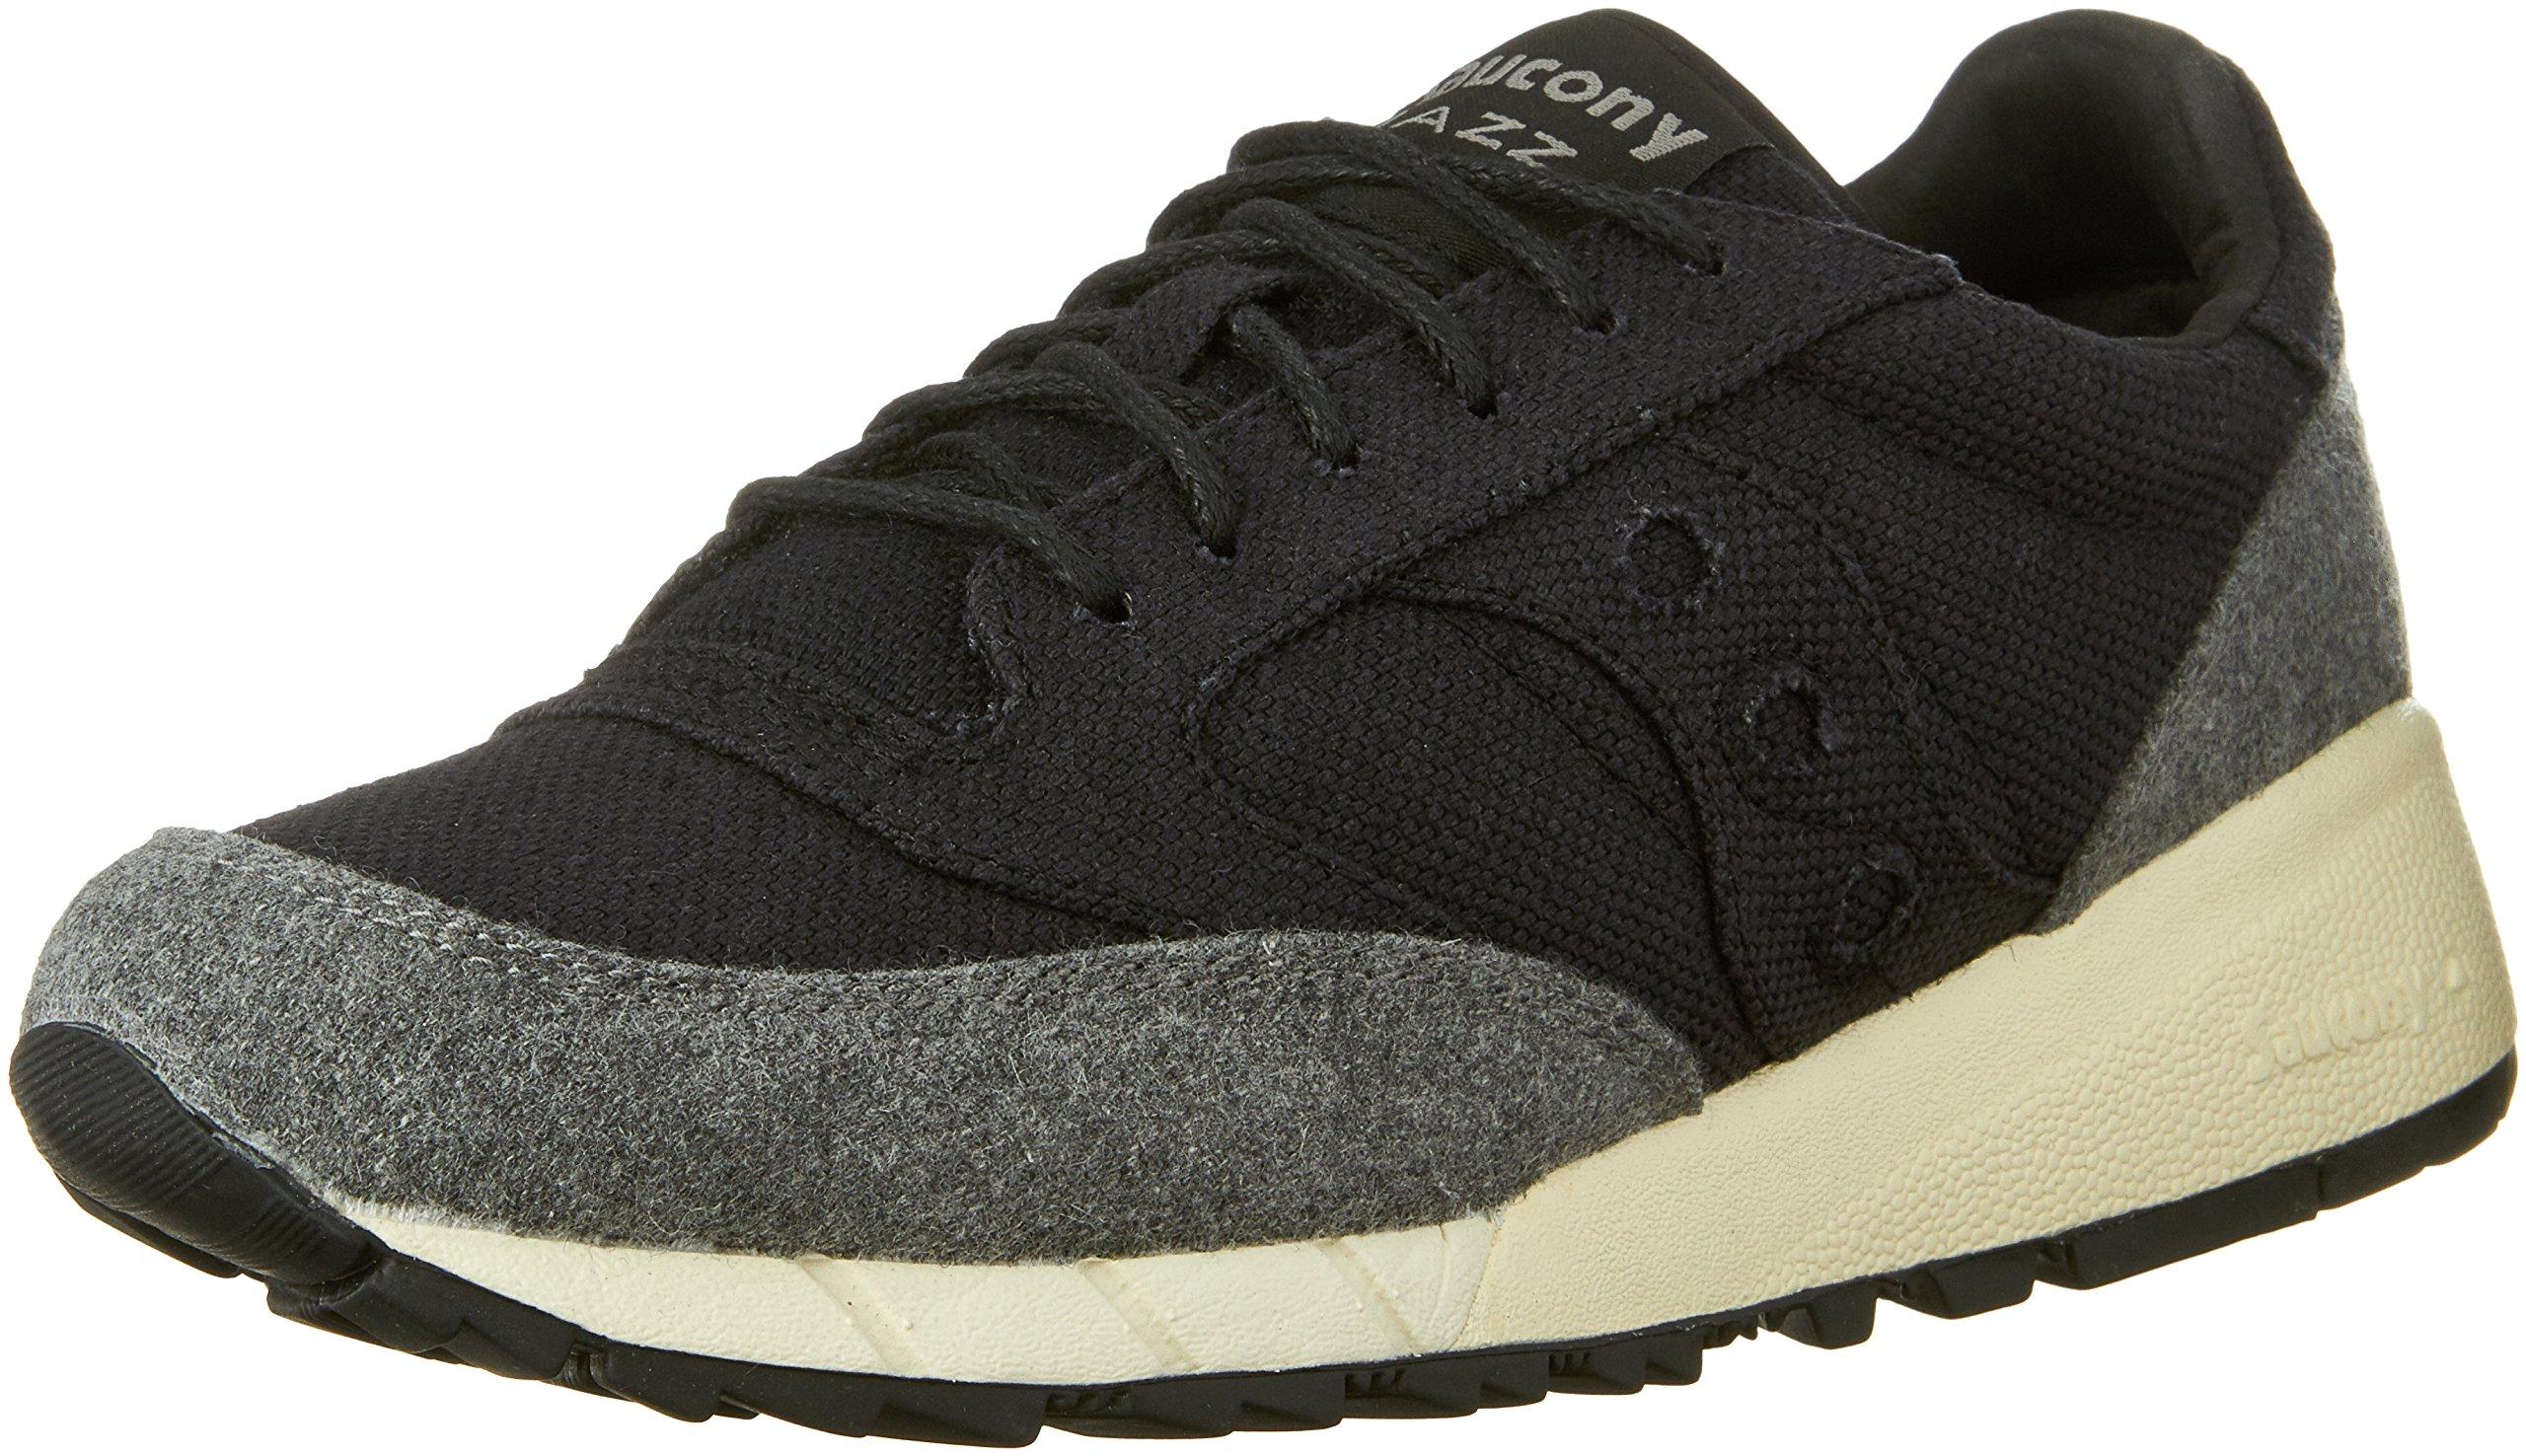 Fashion SneakersBlackgray7 Shoes M About 91 Originals Jazz Details Saucony Us Men's ZiTPOkXu